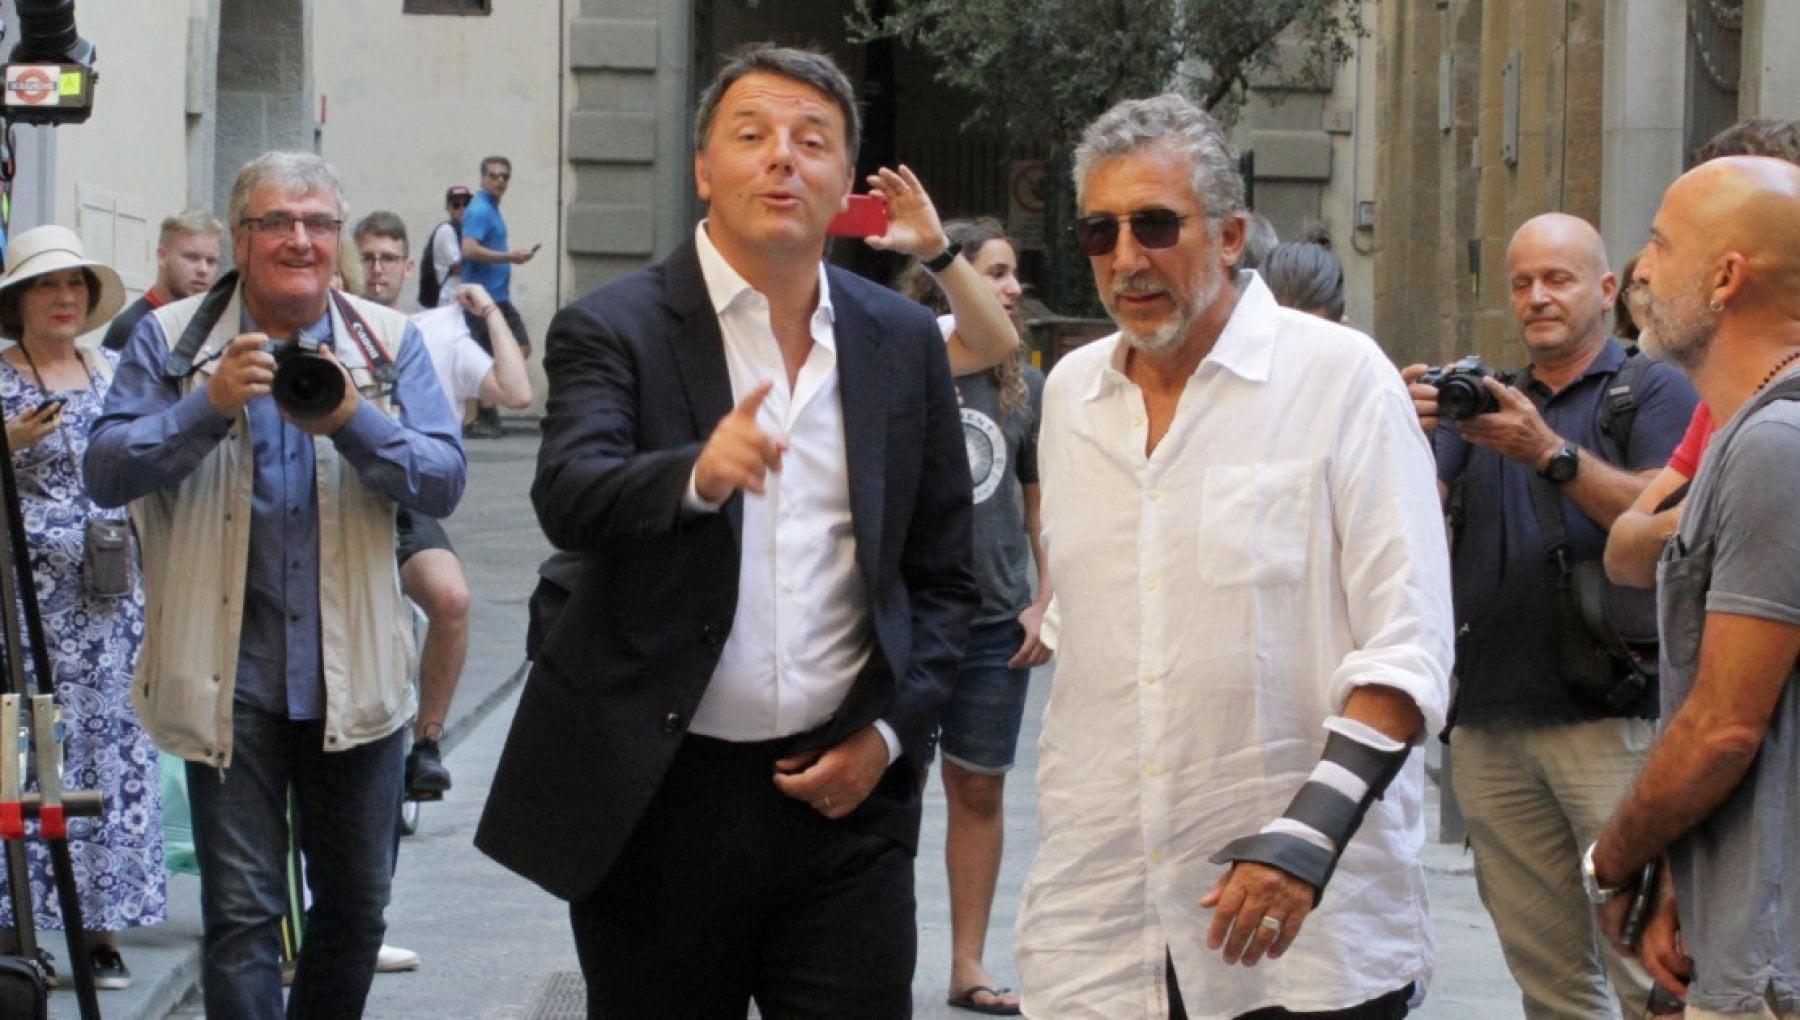 183551024 a9652c9c 4aad 44f1 be46 8874684da6bf - Matteo Renzi e Lucio Presta indagati per finanziamento illecito